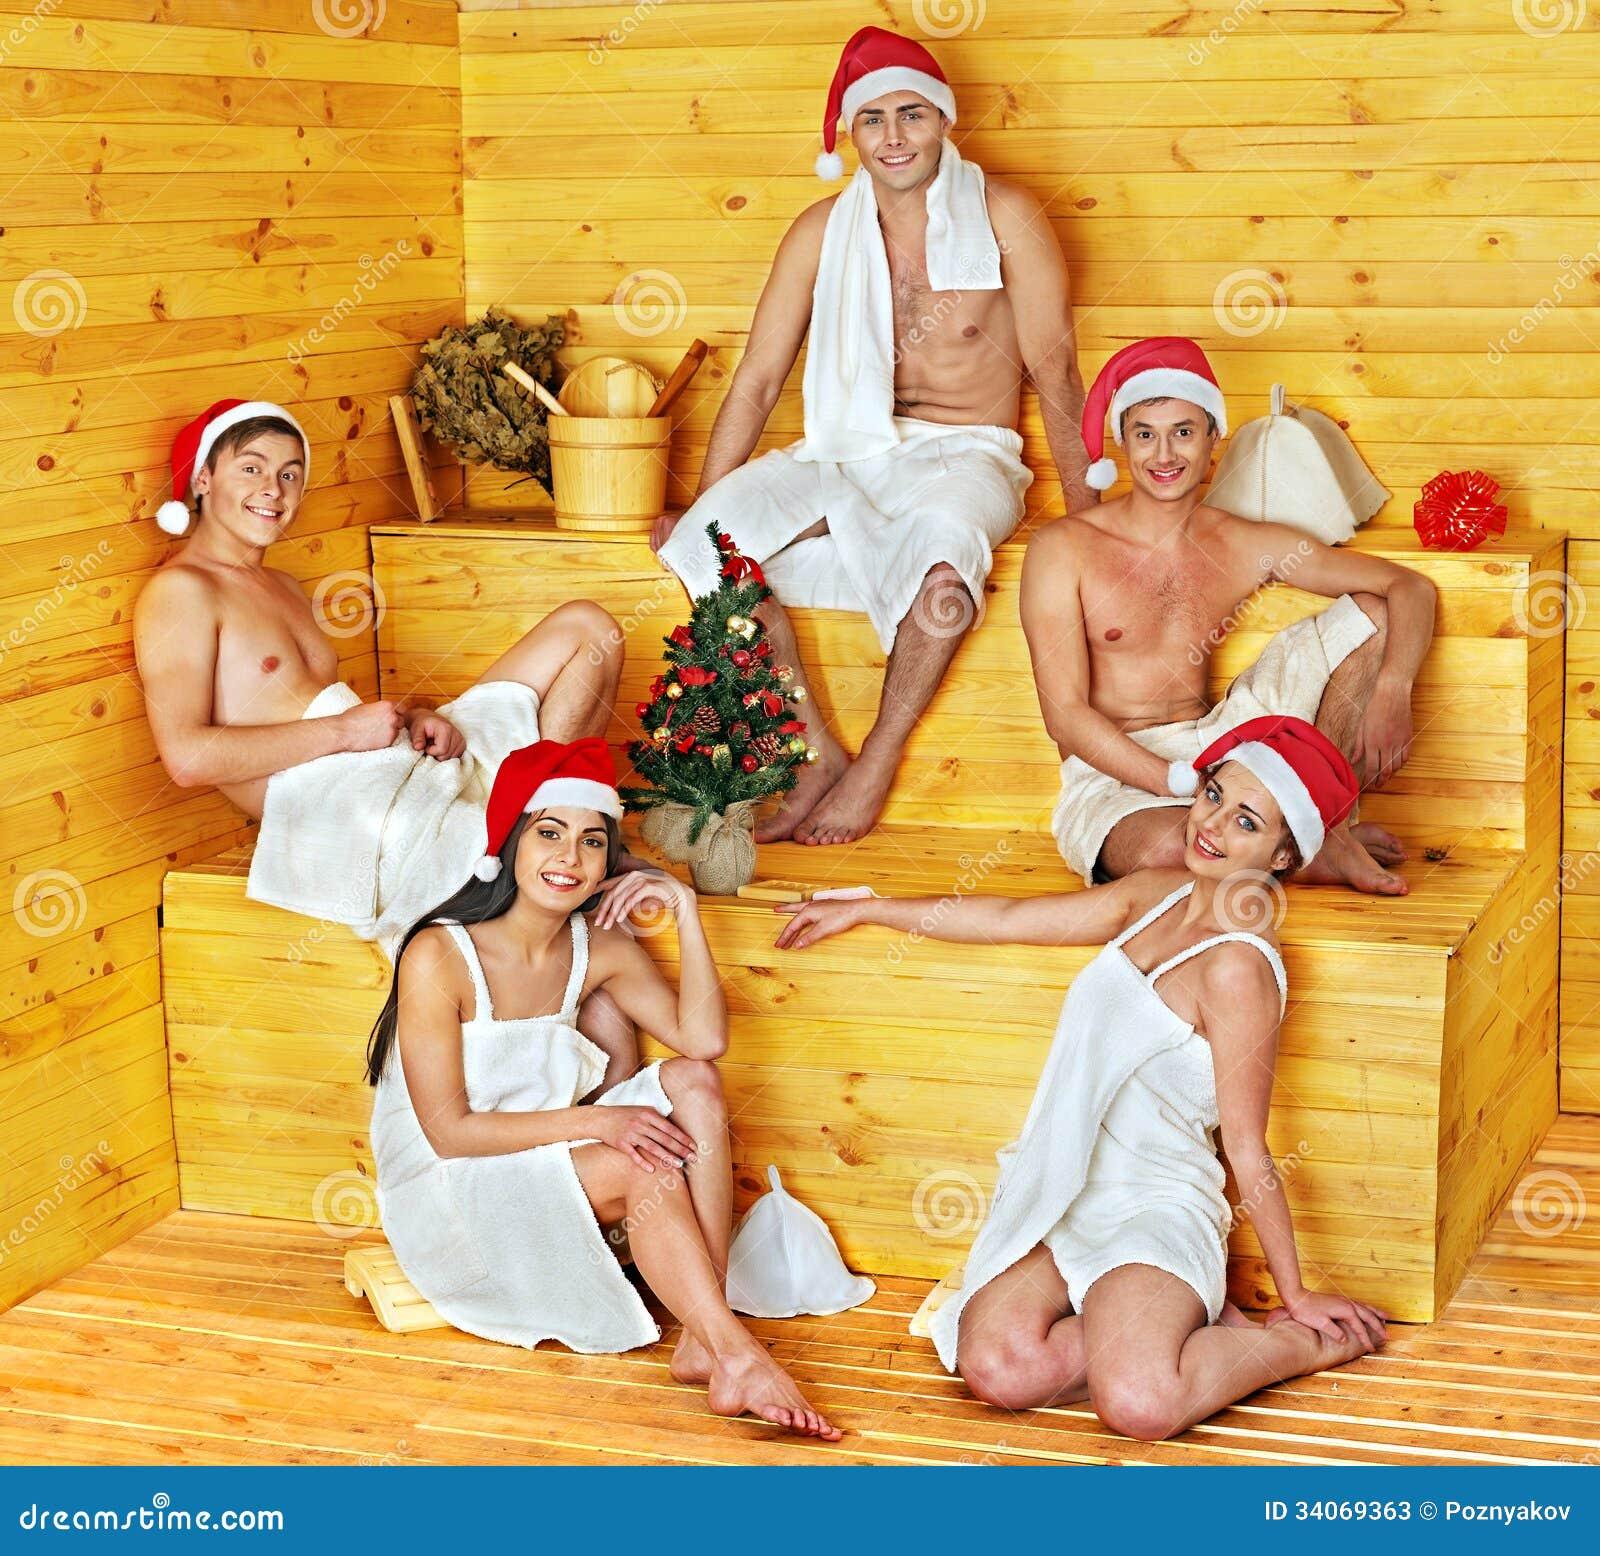 Девушки отдыхают в сауне фото новейшее 7